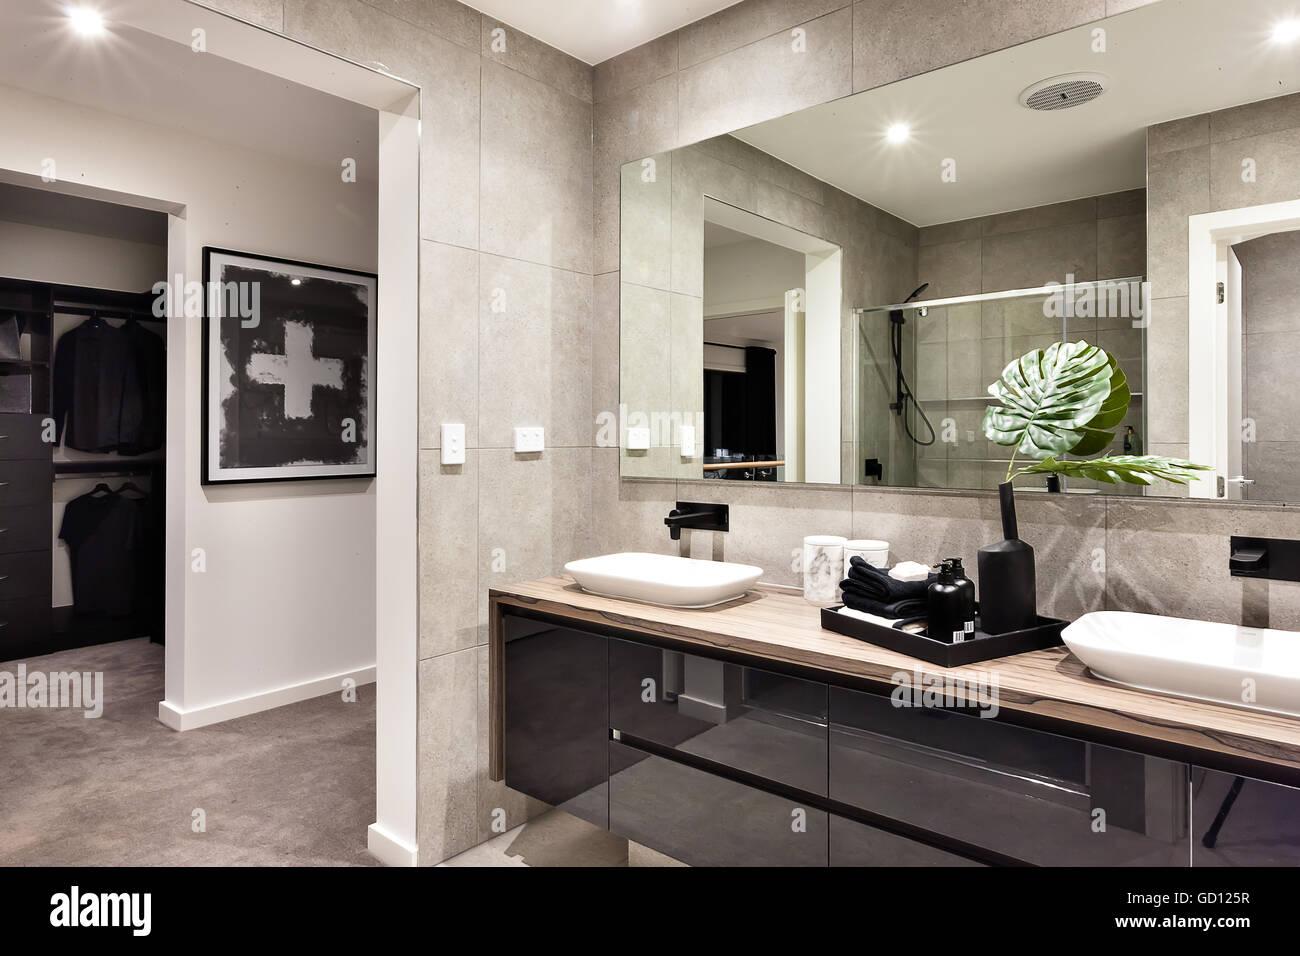 GroBartig Modernes Bad Closeup Zu Einem Spiegel Und Gegenstrom Waschbecken Und  Handtücher Neben Flüssigseife, Ankleidezimmer Ist Bunt.